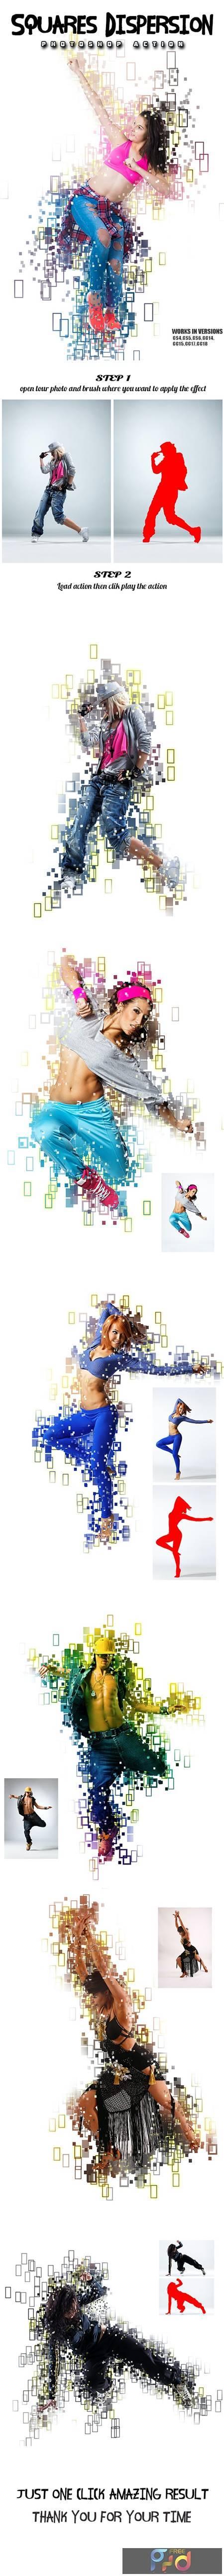 Squares Dispersion Photoshop Action 26351103 1